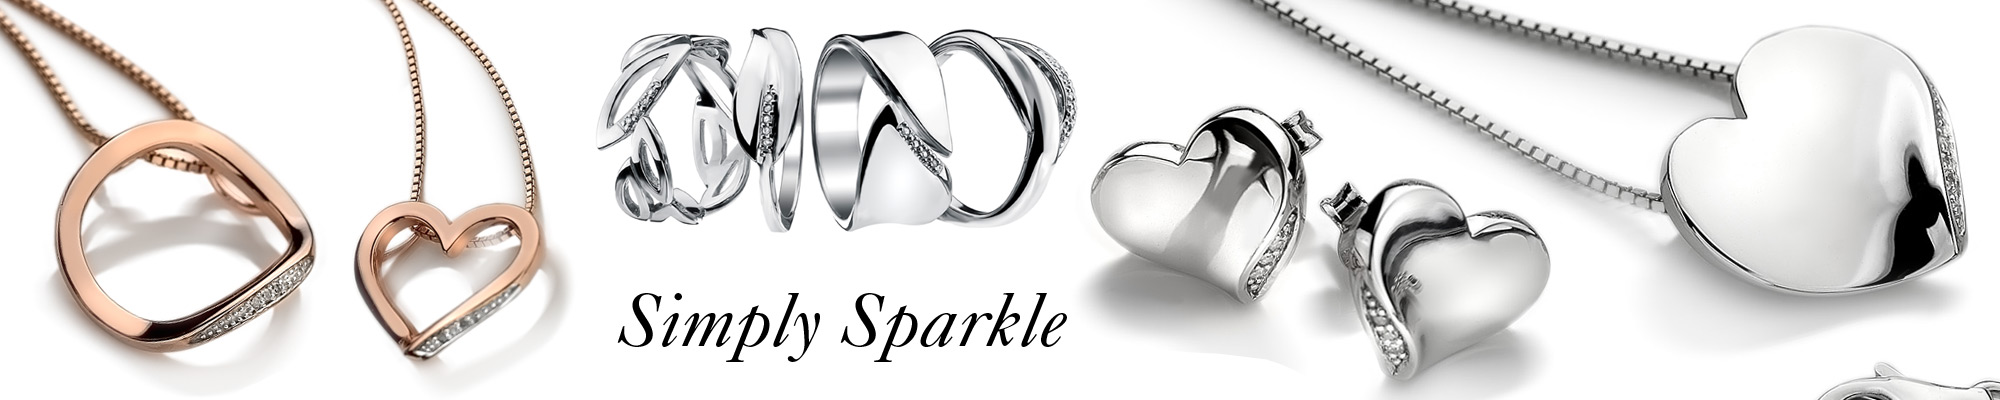 Simple sparkle